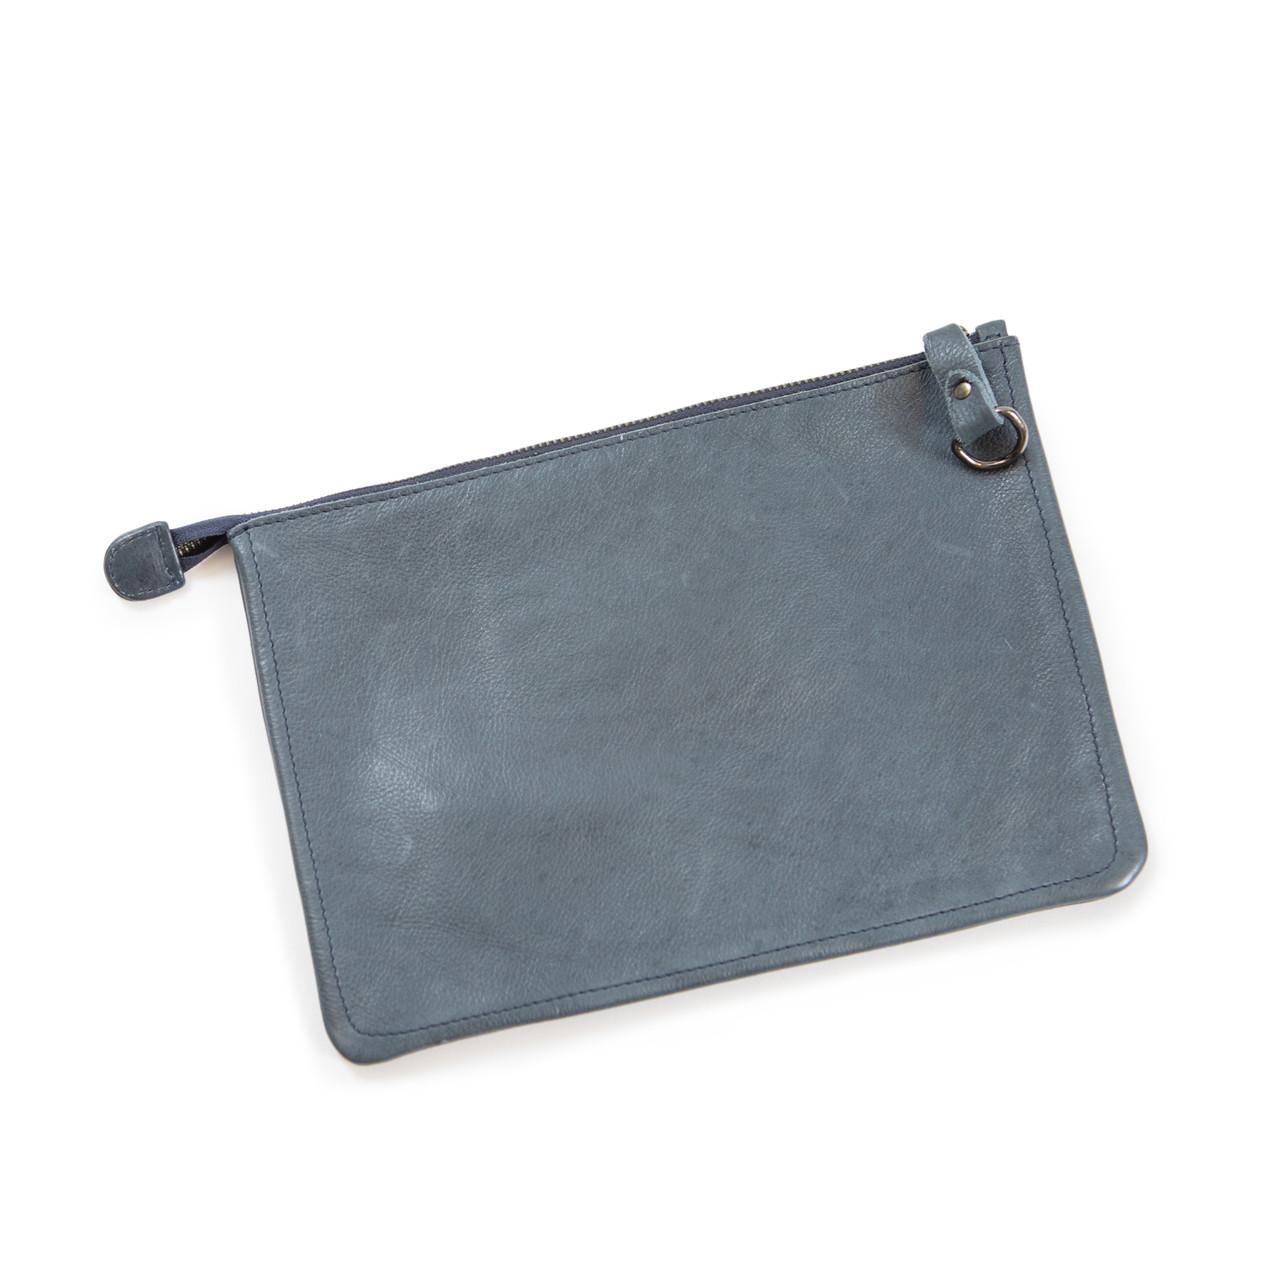 navy leather zip clutch